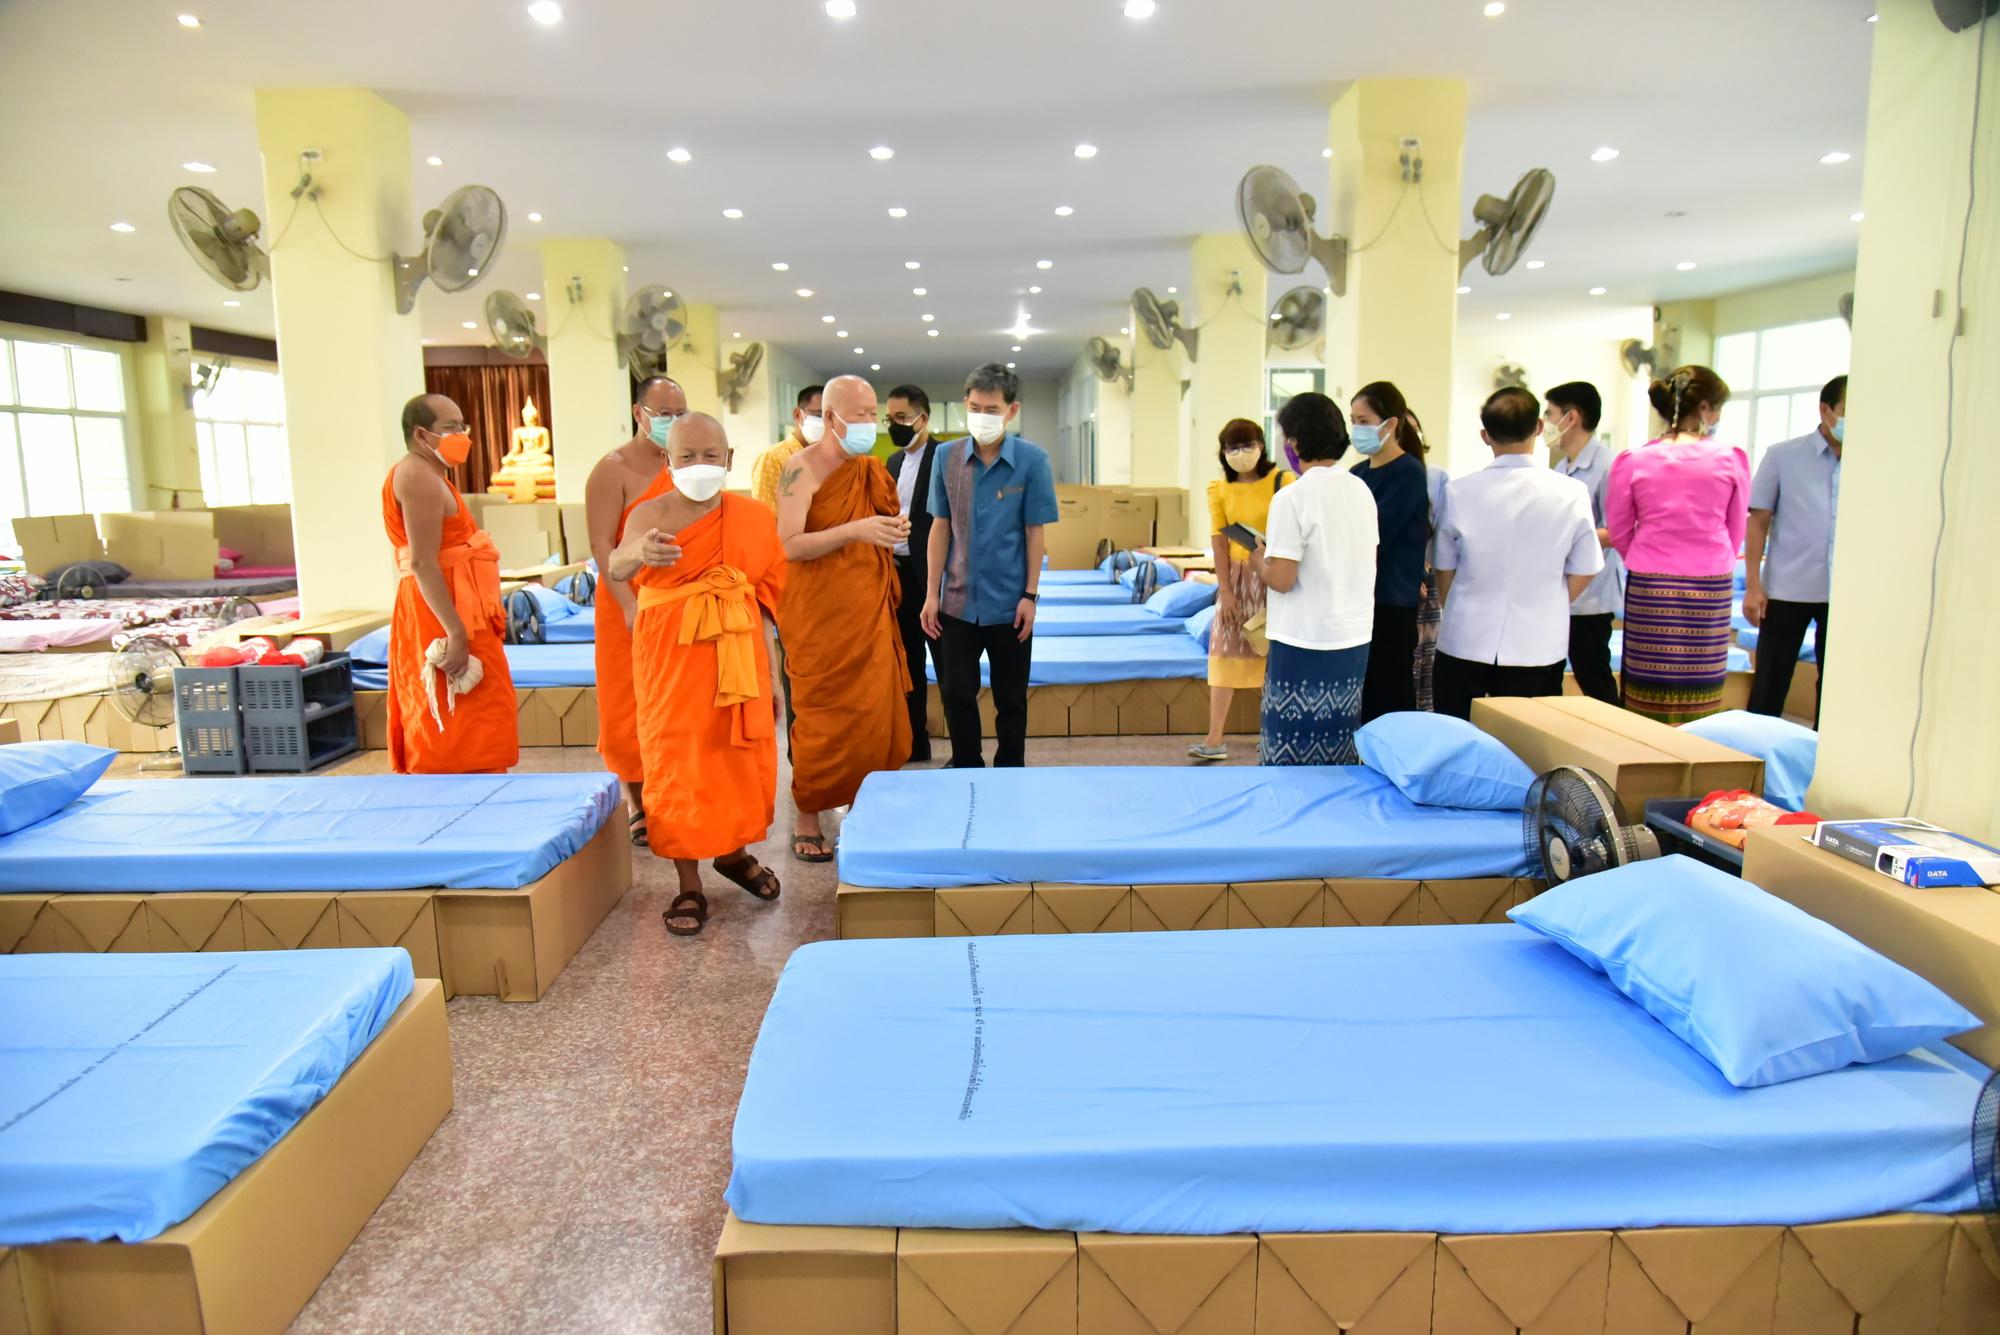 จังหวัดนครปฐม เปิดโรงพยาบาลสนามแห่งที่ 5 เพื่อรองรับผู้ป่วย ที่มีจำนวนเพิ่มมากขึ้น